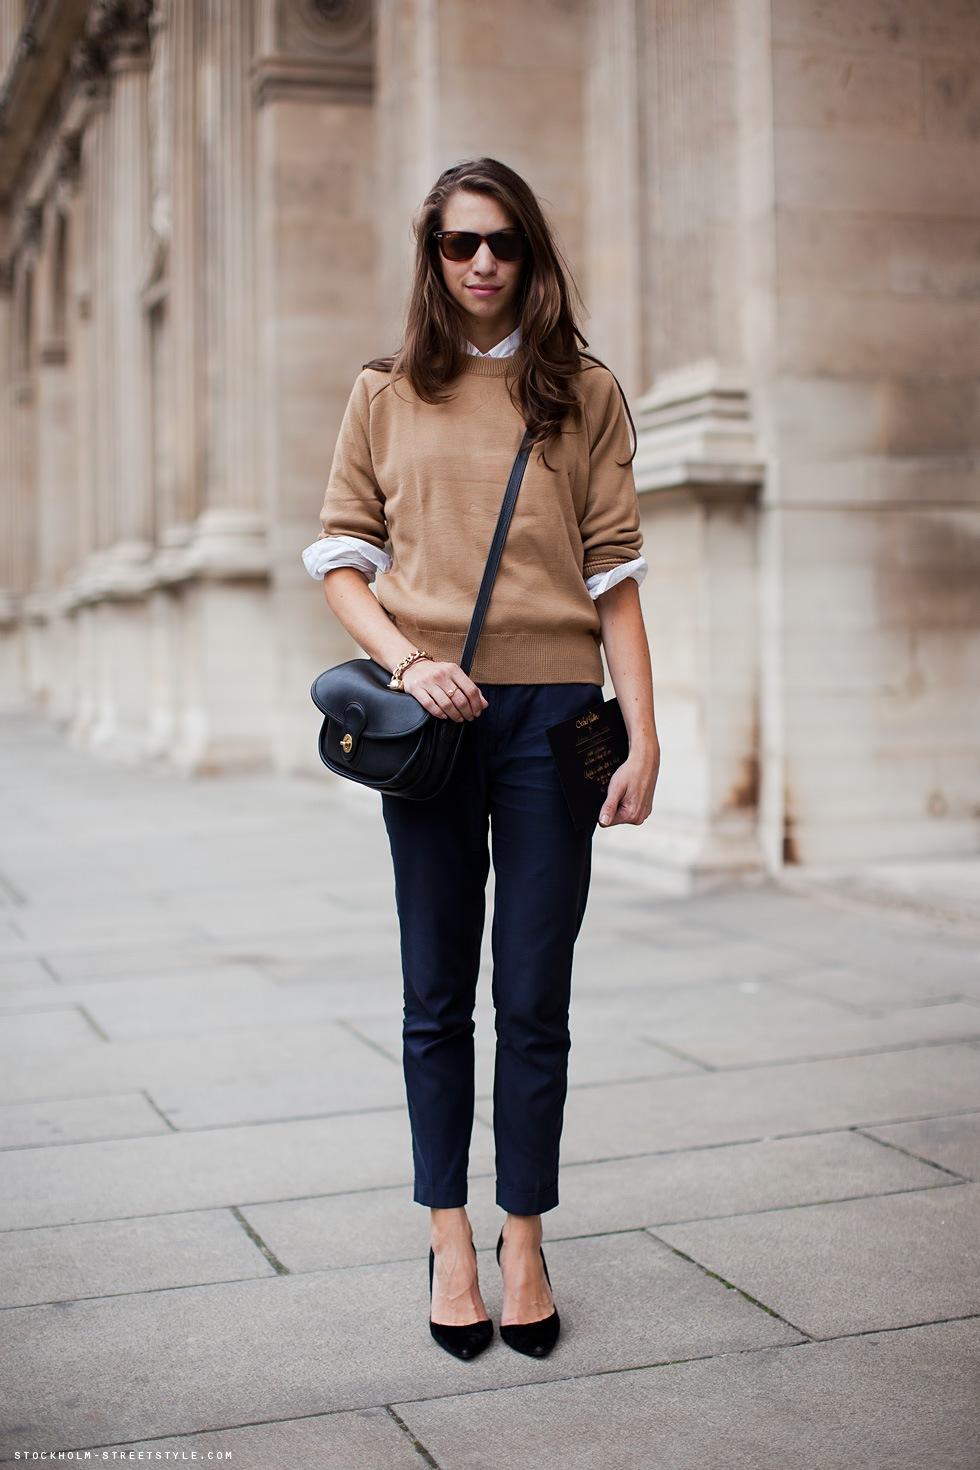 На фото: светло коричневая кофта с черными джинсами и в черных туфлях на высоком каблуке.